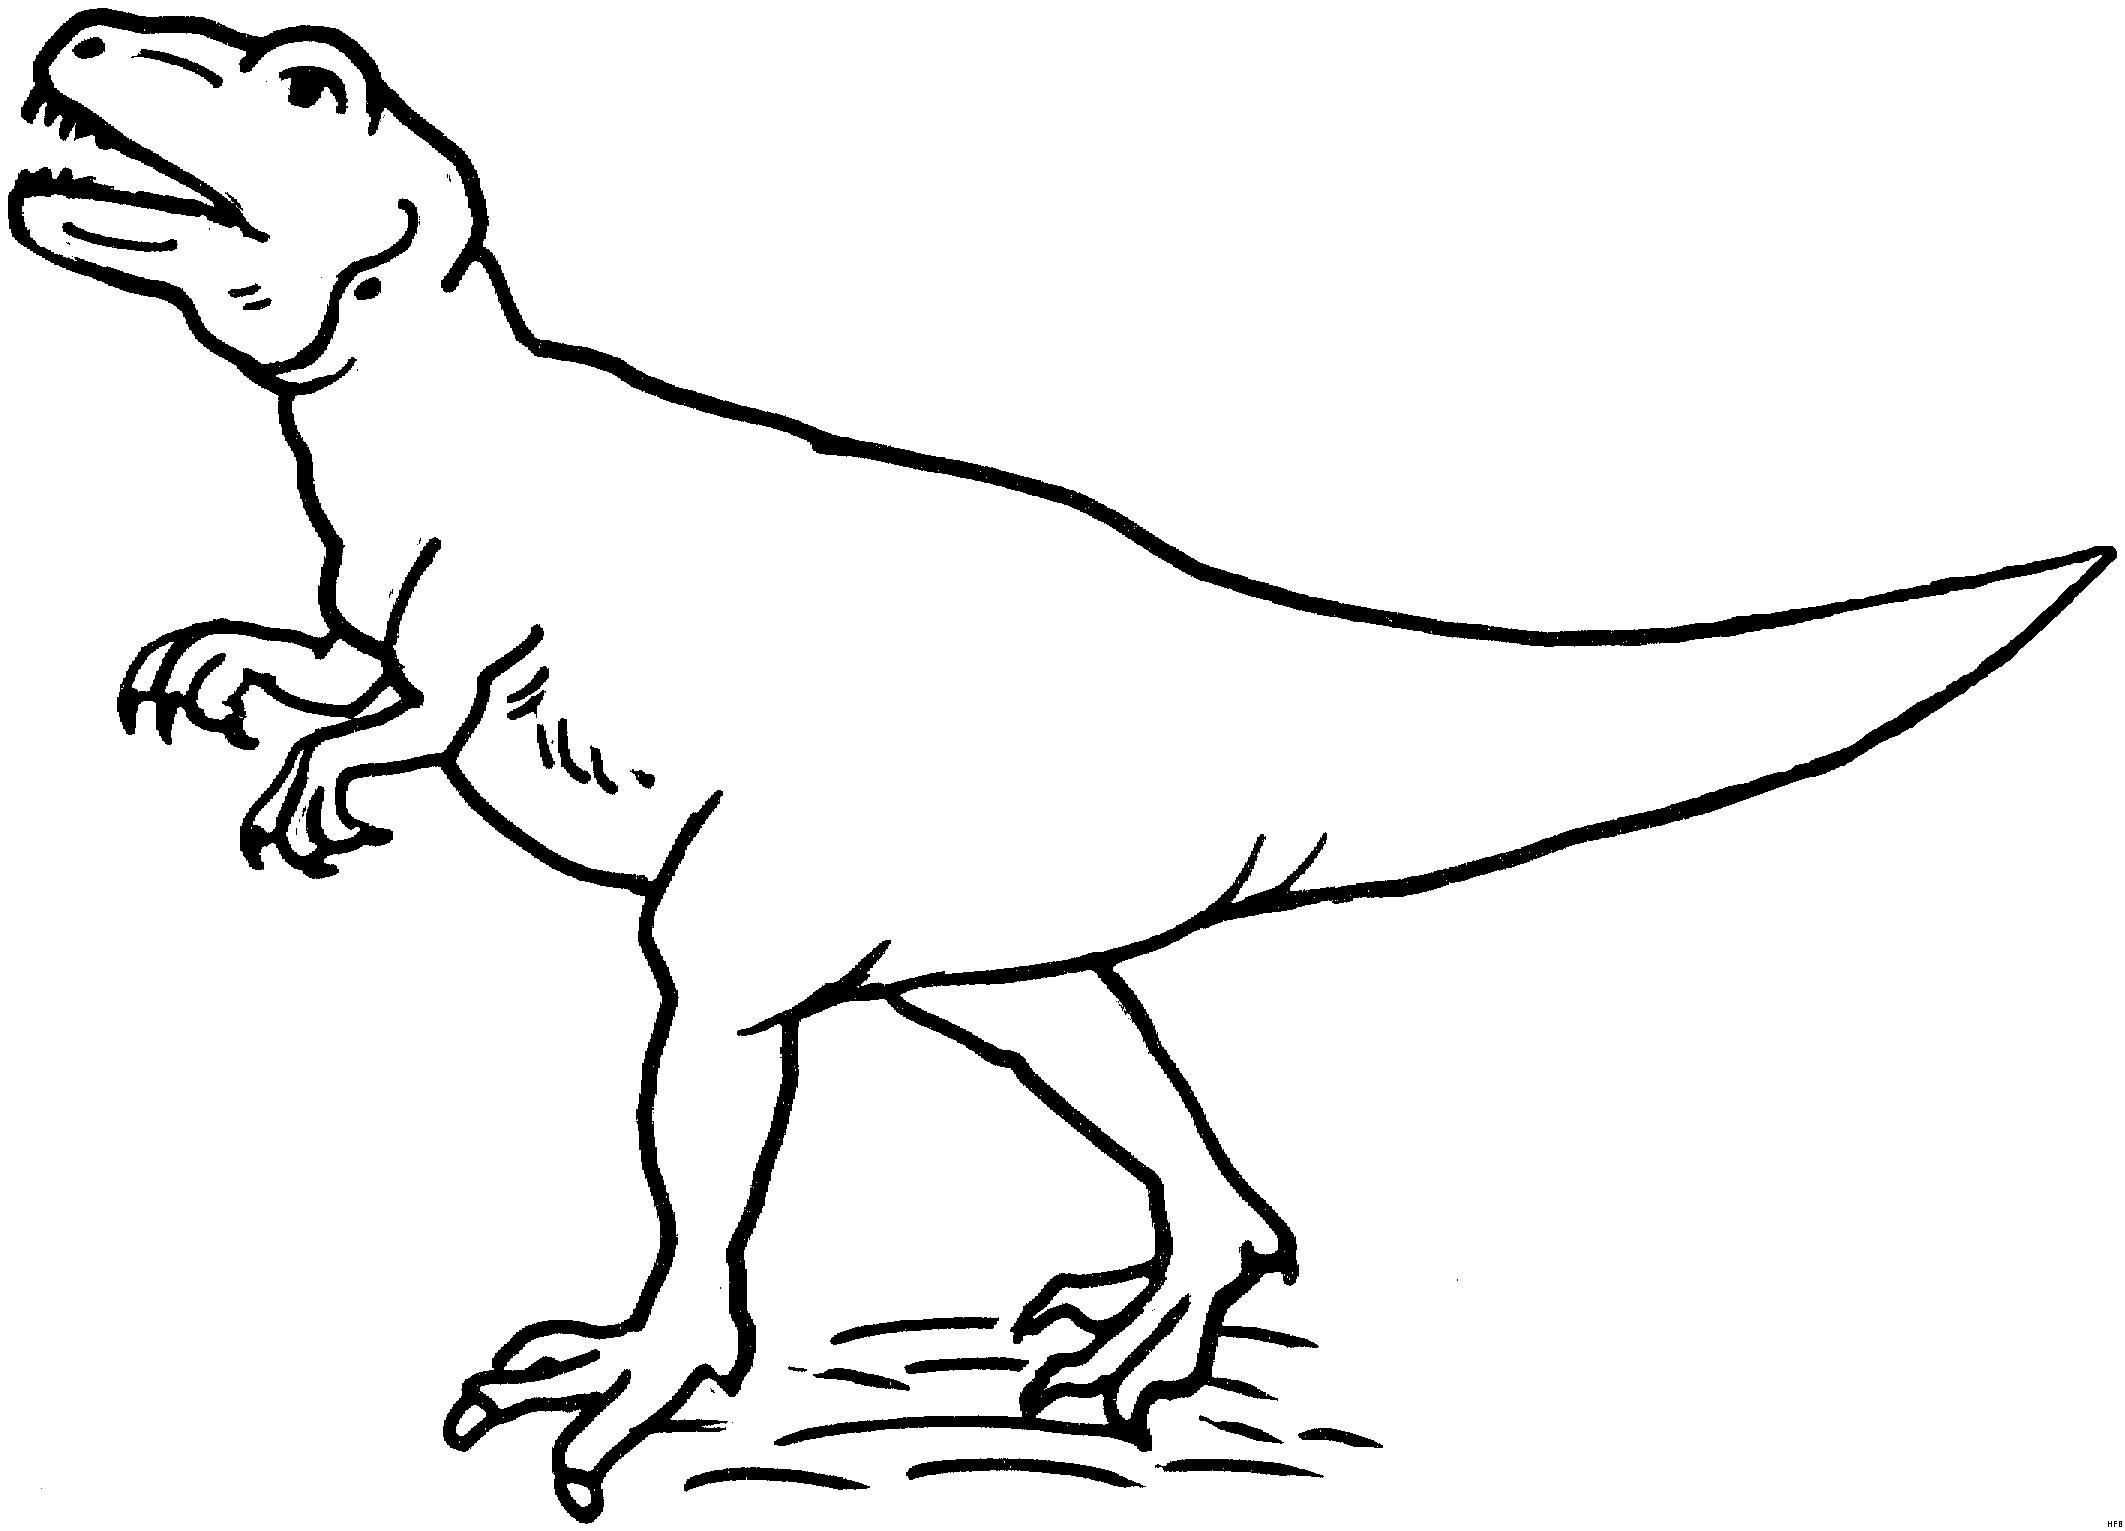 Ausmalbild T-rex Inspirierend 35 Ehrfürchtig Ausmalbilder T Rex Malvorlagen Sammlungen Das Bild